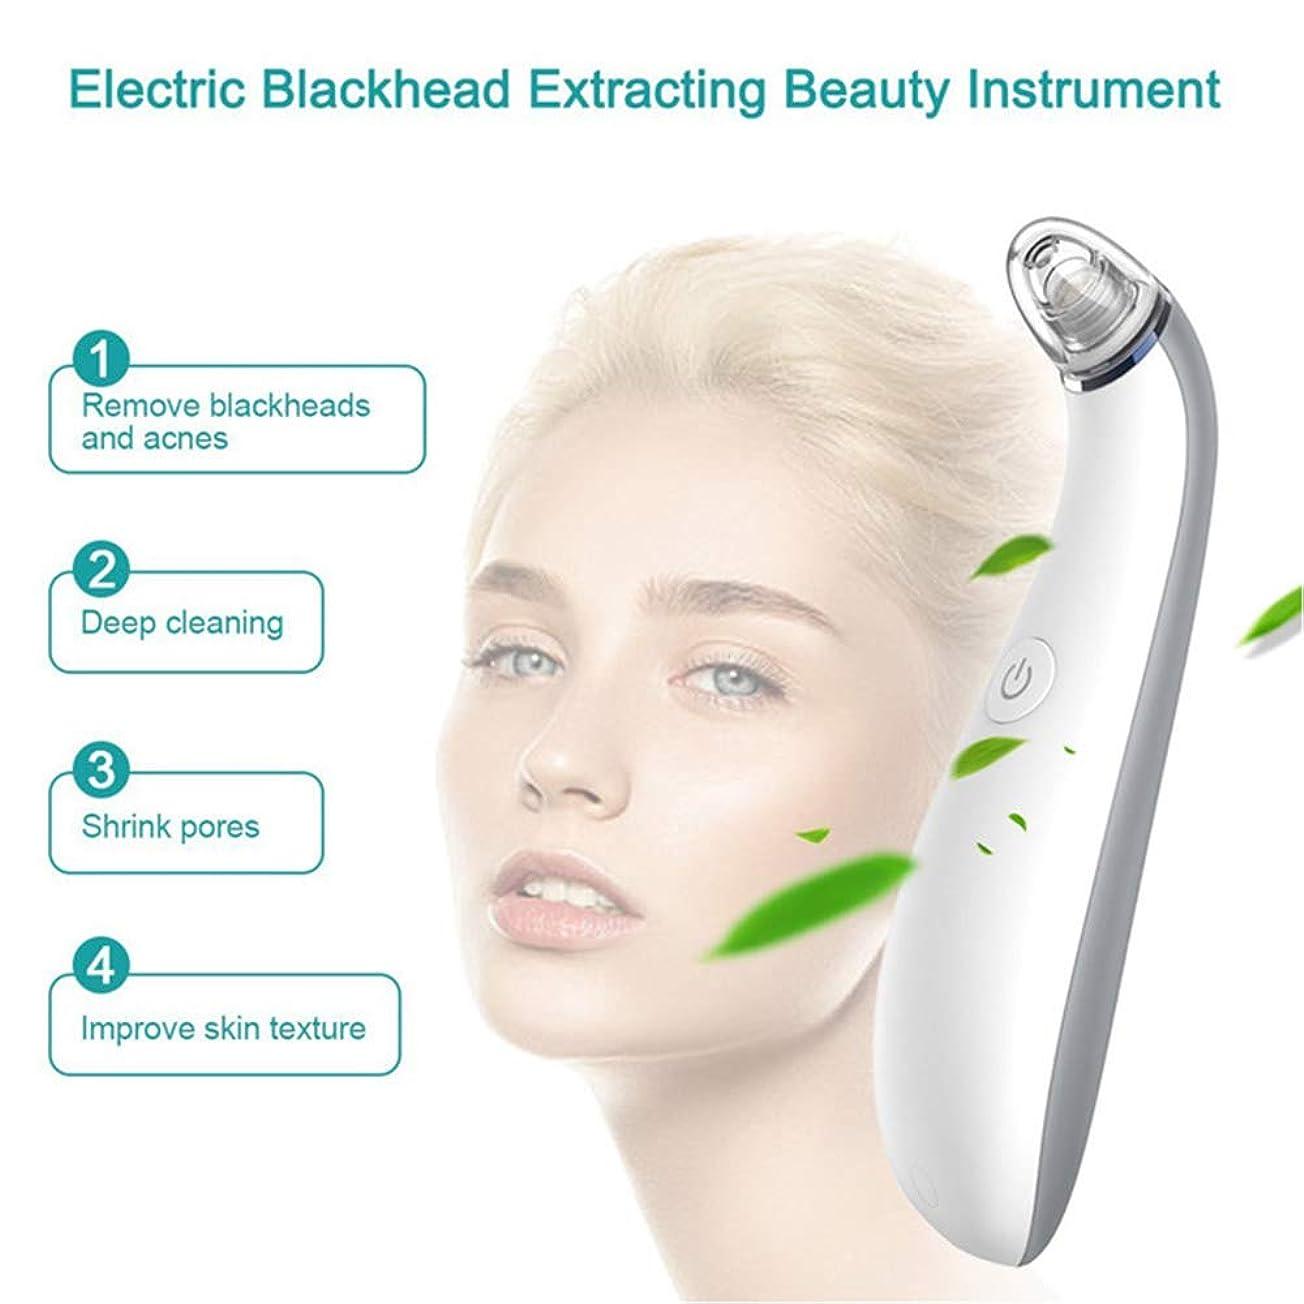 翻訳メドレーフェッチ気孔の真空の深くきれいな、皮膚健康のための電気顔の安定した吸引のスキンケア用具4取り替え可能な吸引の頭部USB再充電可能